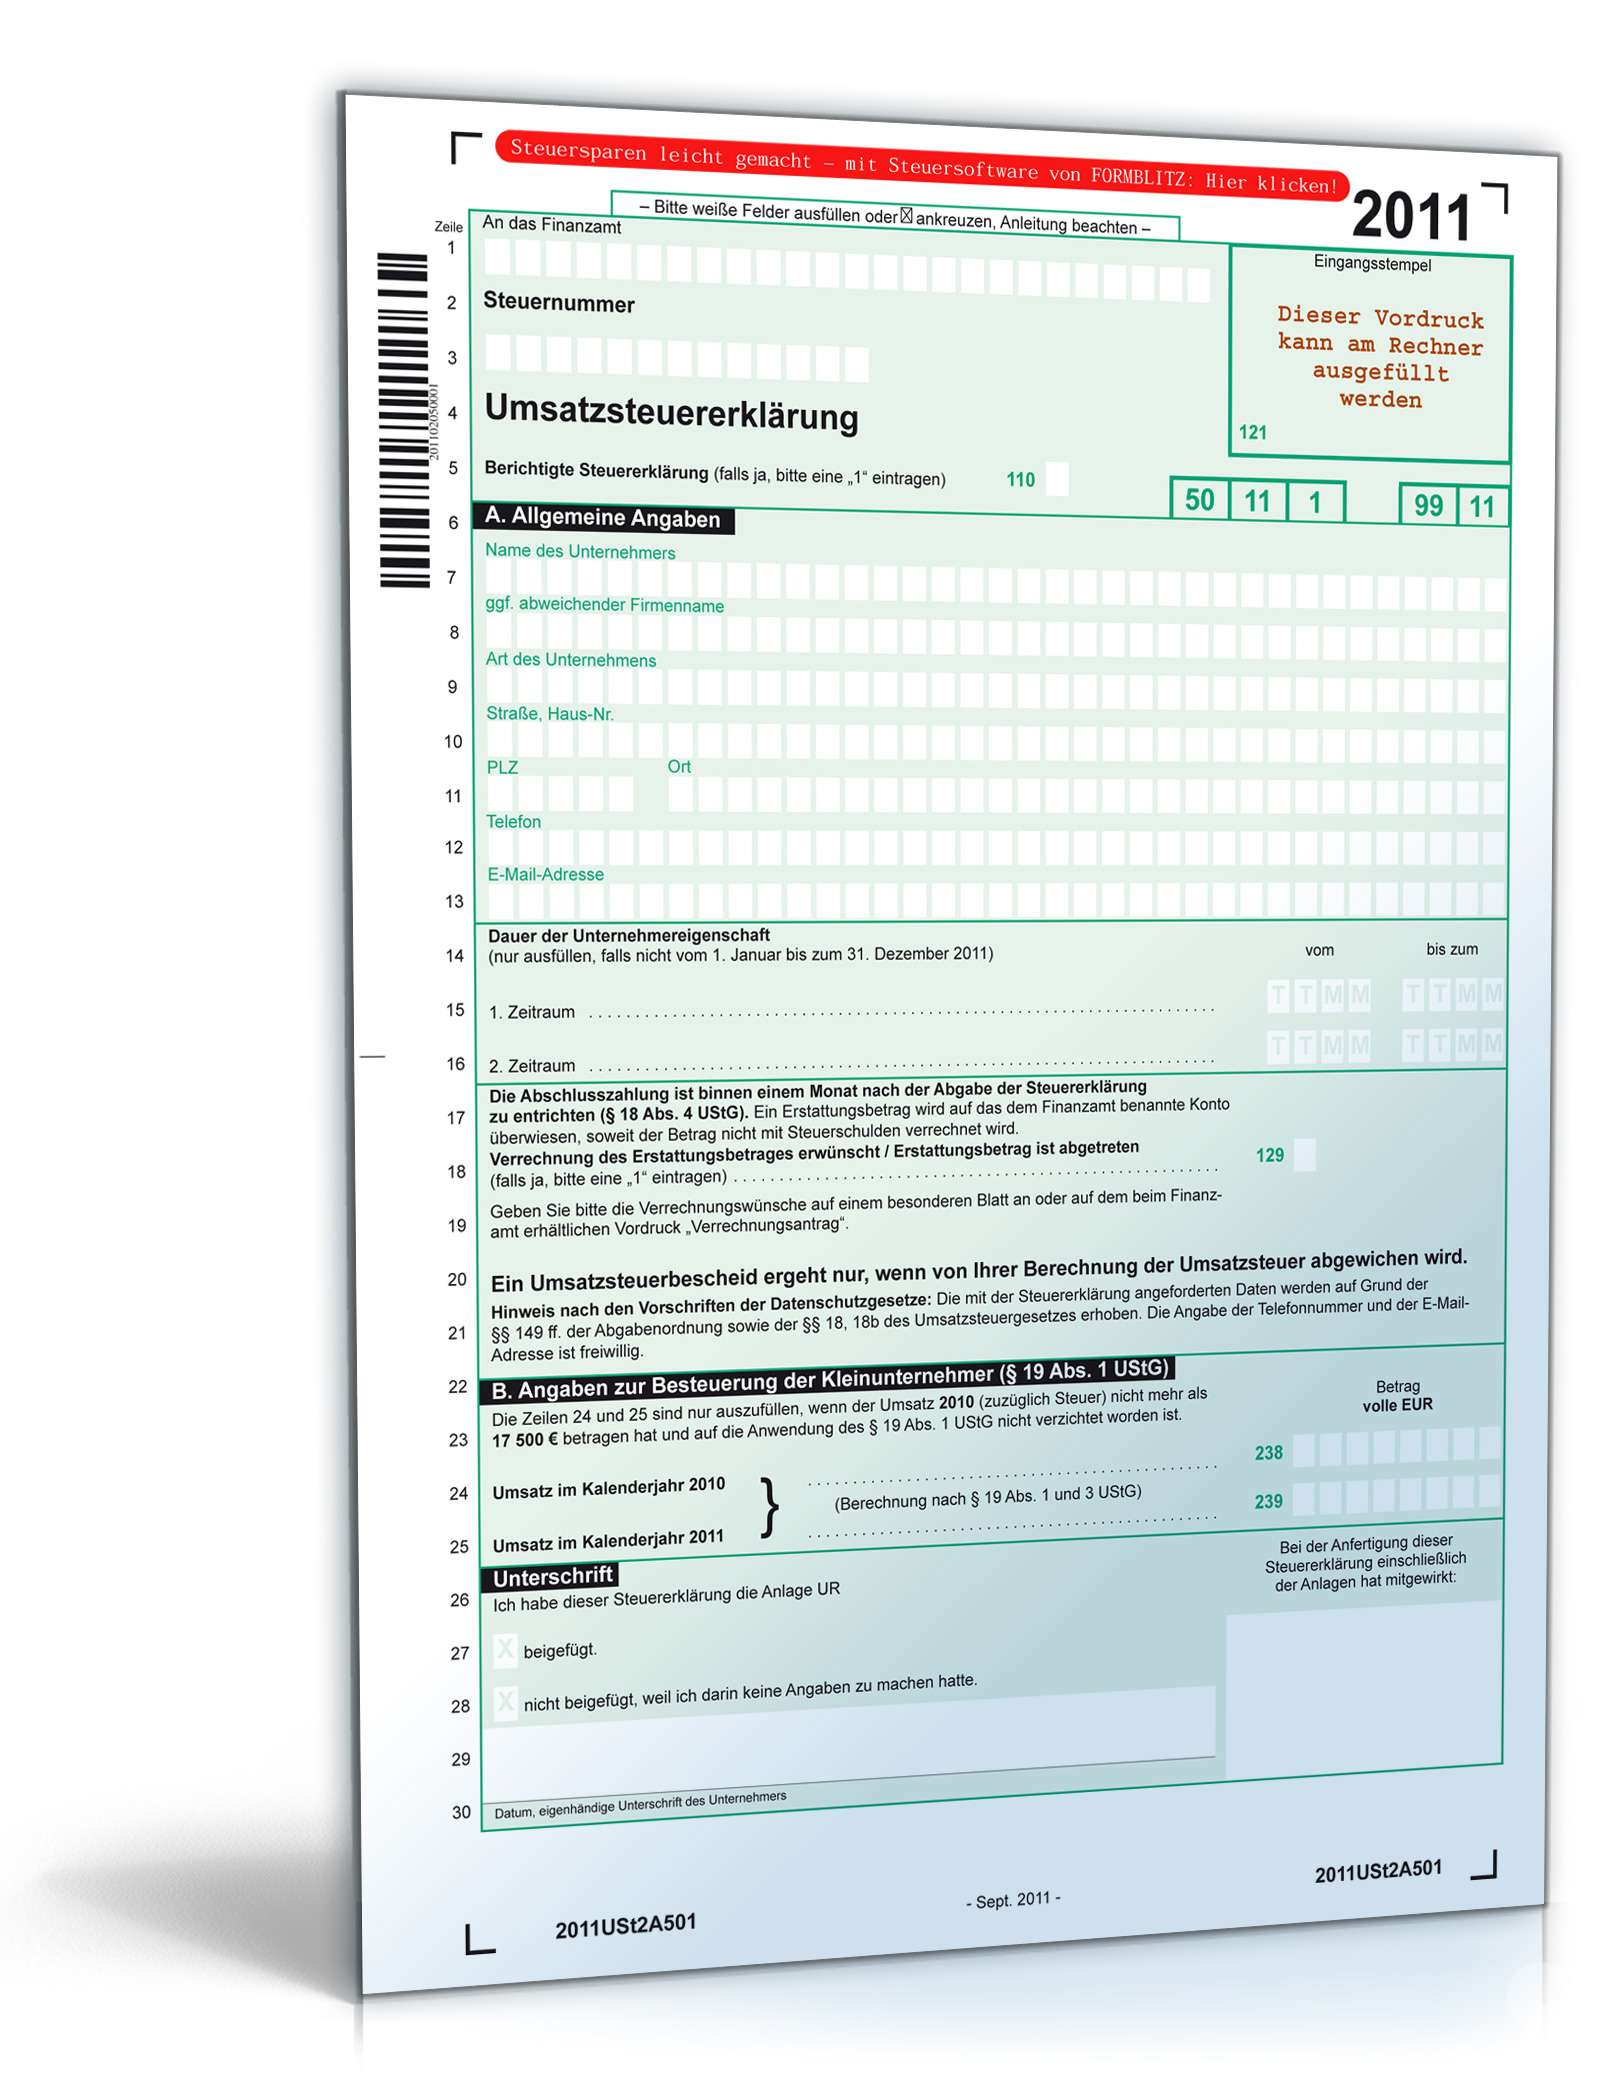 Umsatzsteuererklärung 2011 Dokument zum Download